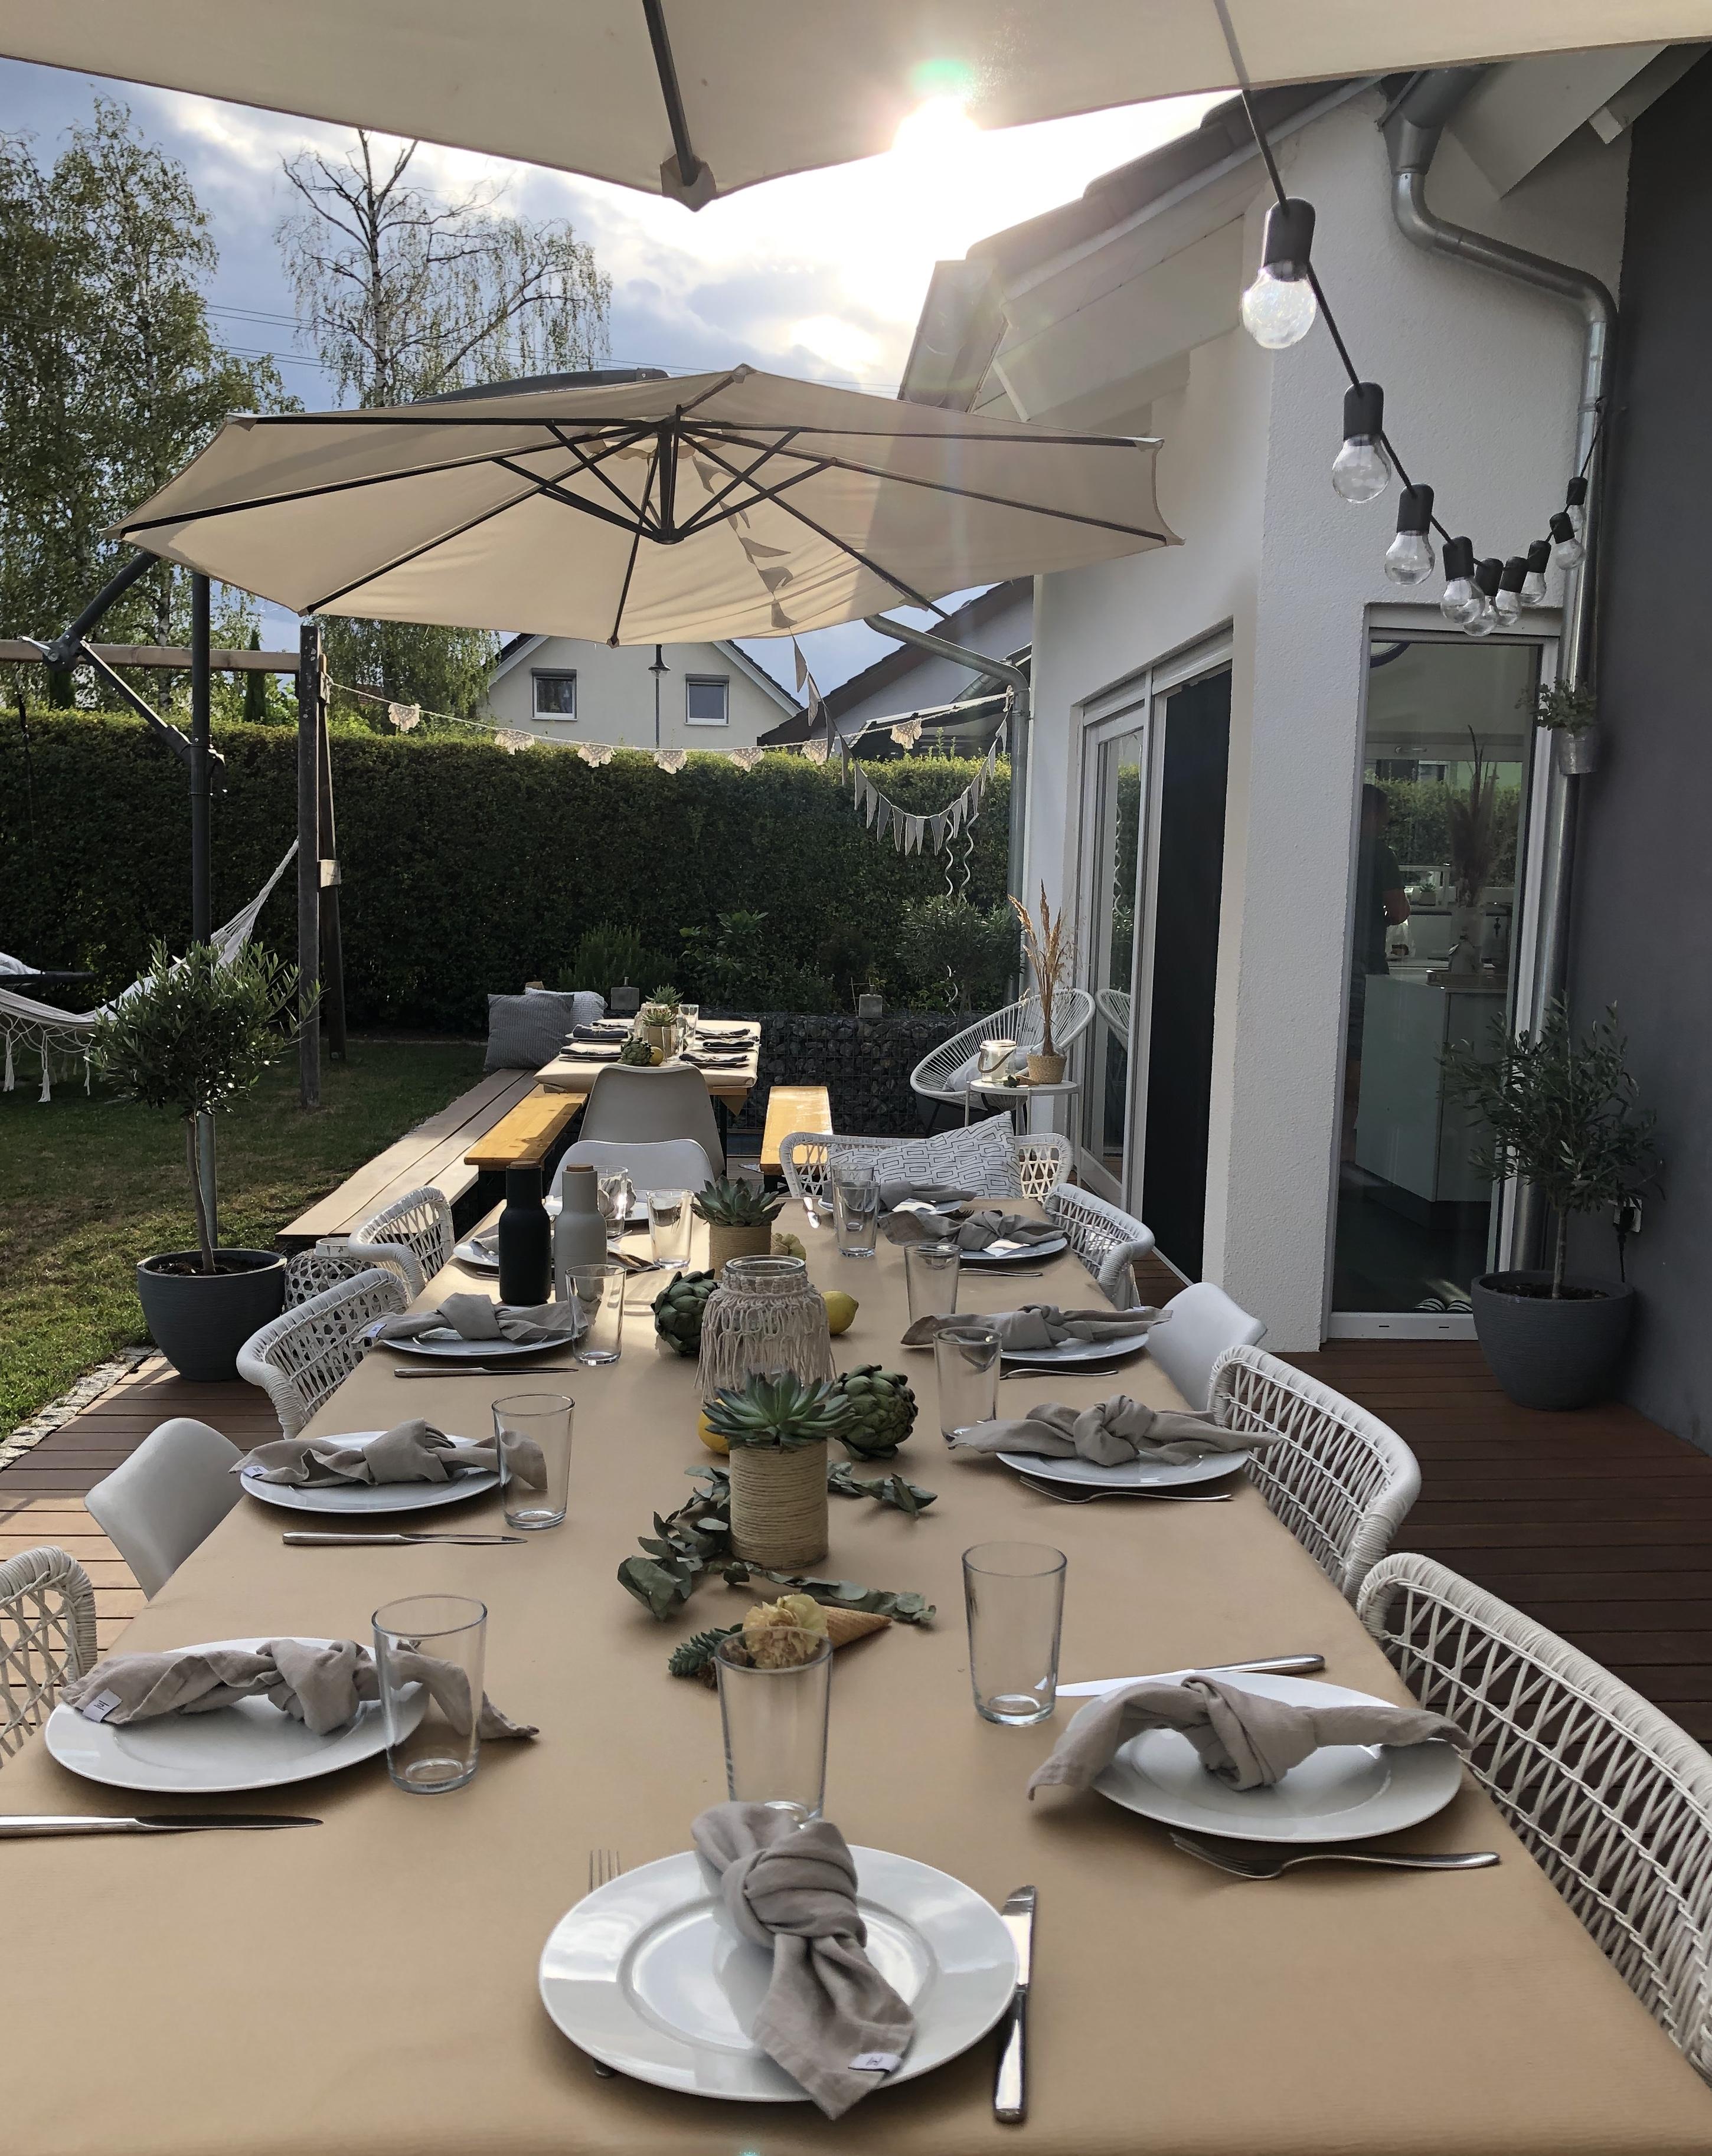 Aussenbereich - Essen auf der Terrasse.Homestory Beton trifft auf Glas. Weitere Wohnideen findest du bei desmondo.de